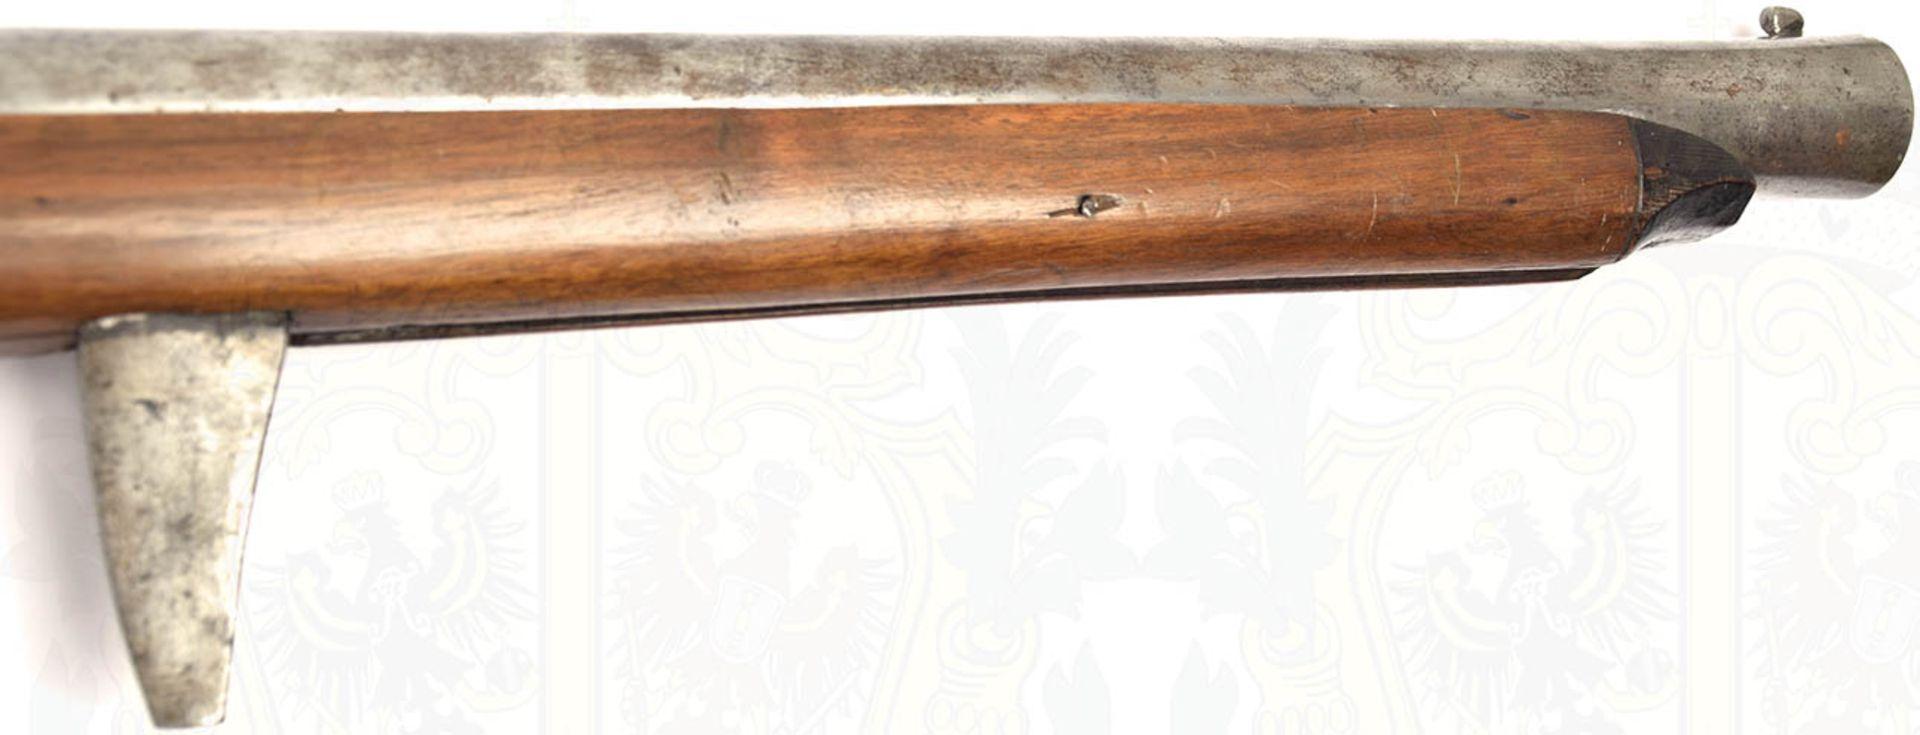 RADSCHLOß-WALLBÜCHSE, schöne, detailgetreue Nachfertigung eines Modells um 1700, eiserner, etwa - Bild 2 aus 9